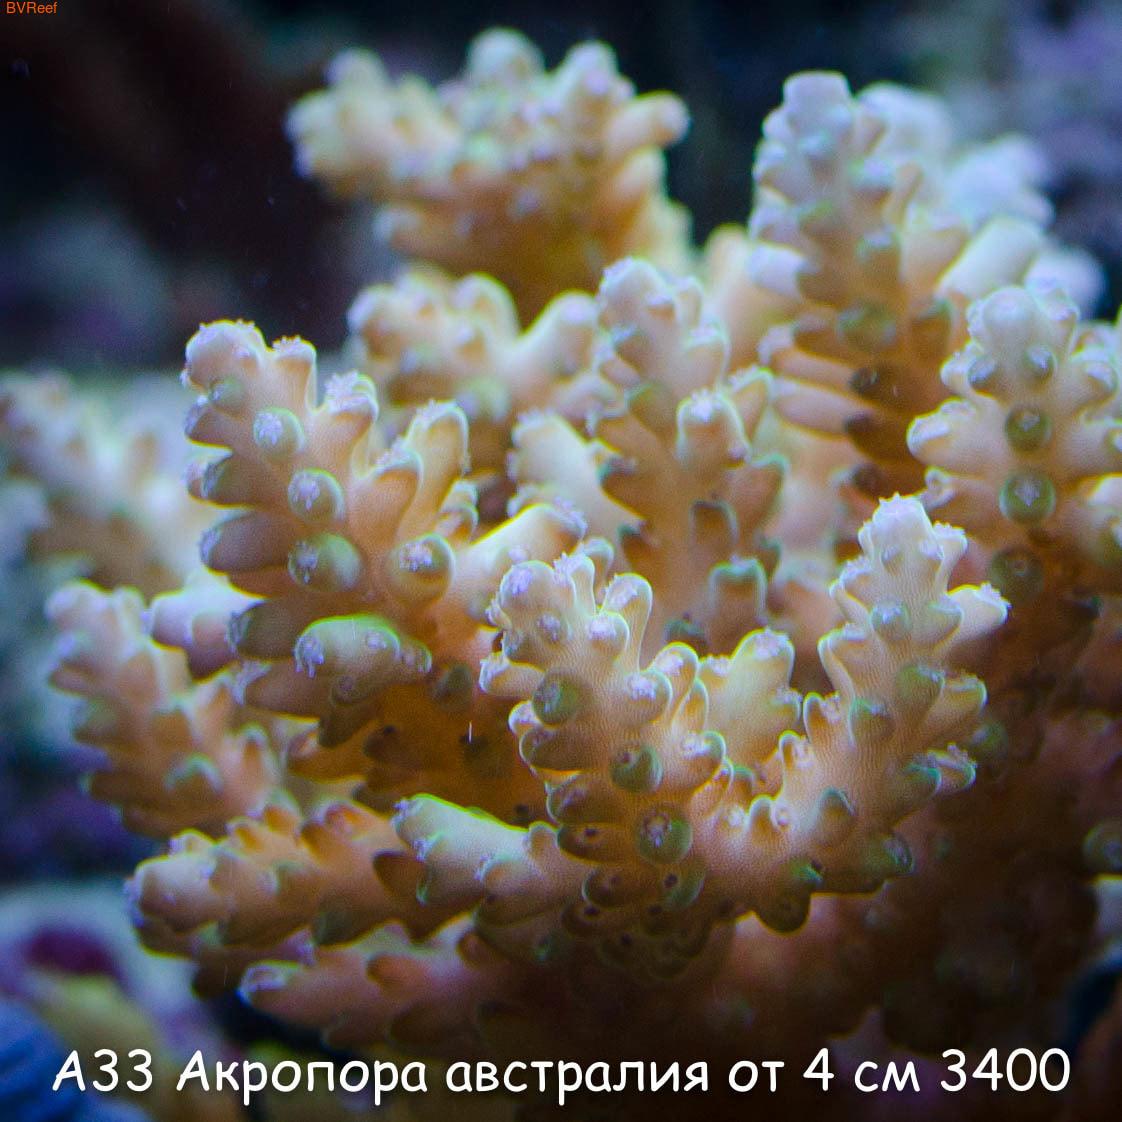 А33 Акропора австралия от 4 см 3400